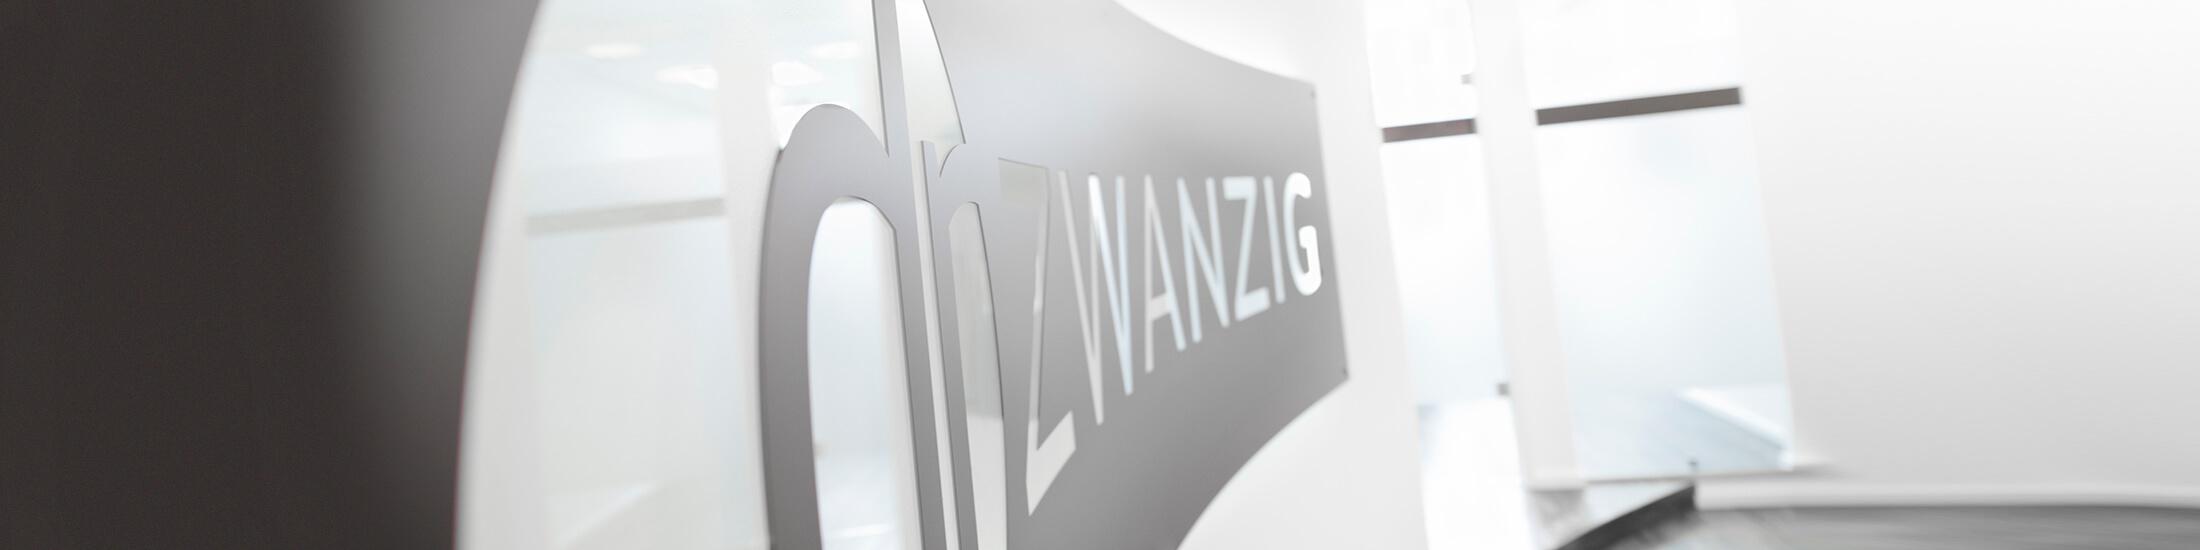 Zahnarztpraxis Dr. Kai Zwanzig Bielefeld Auszeichnung